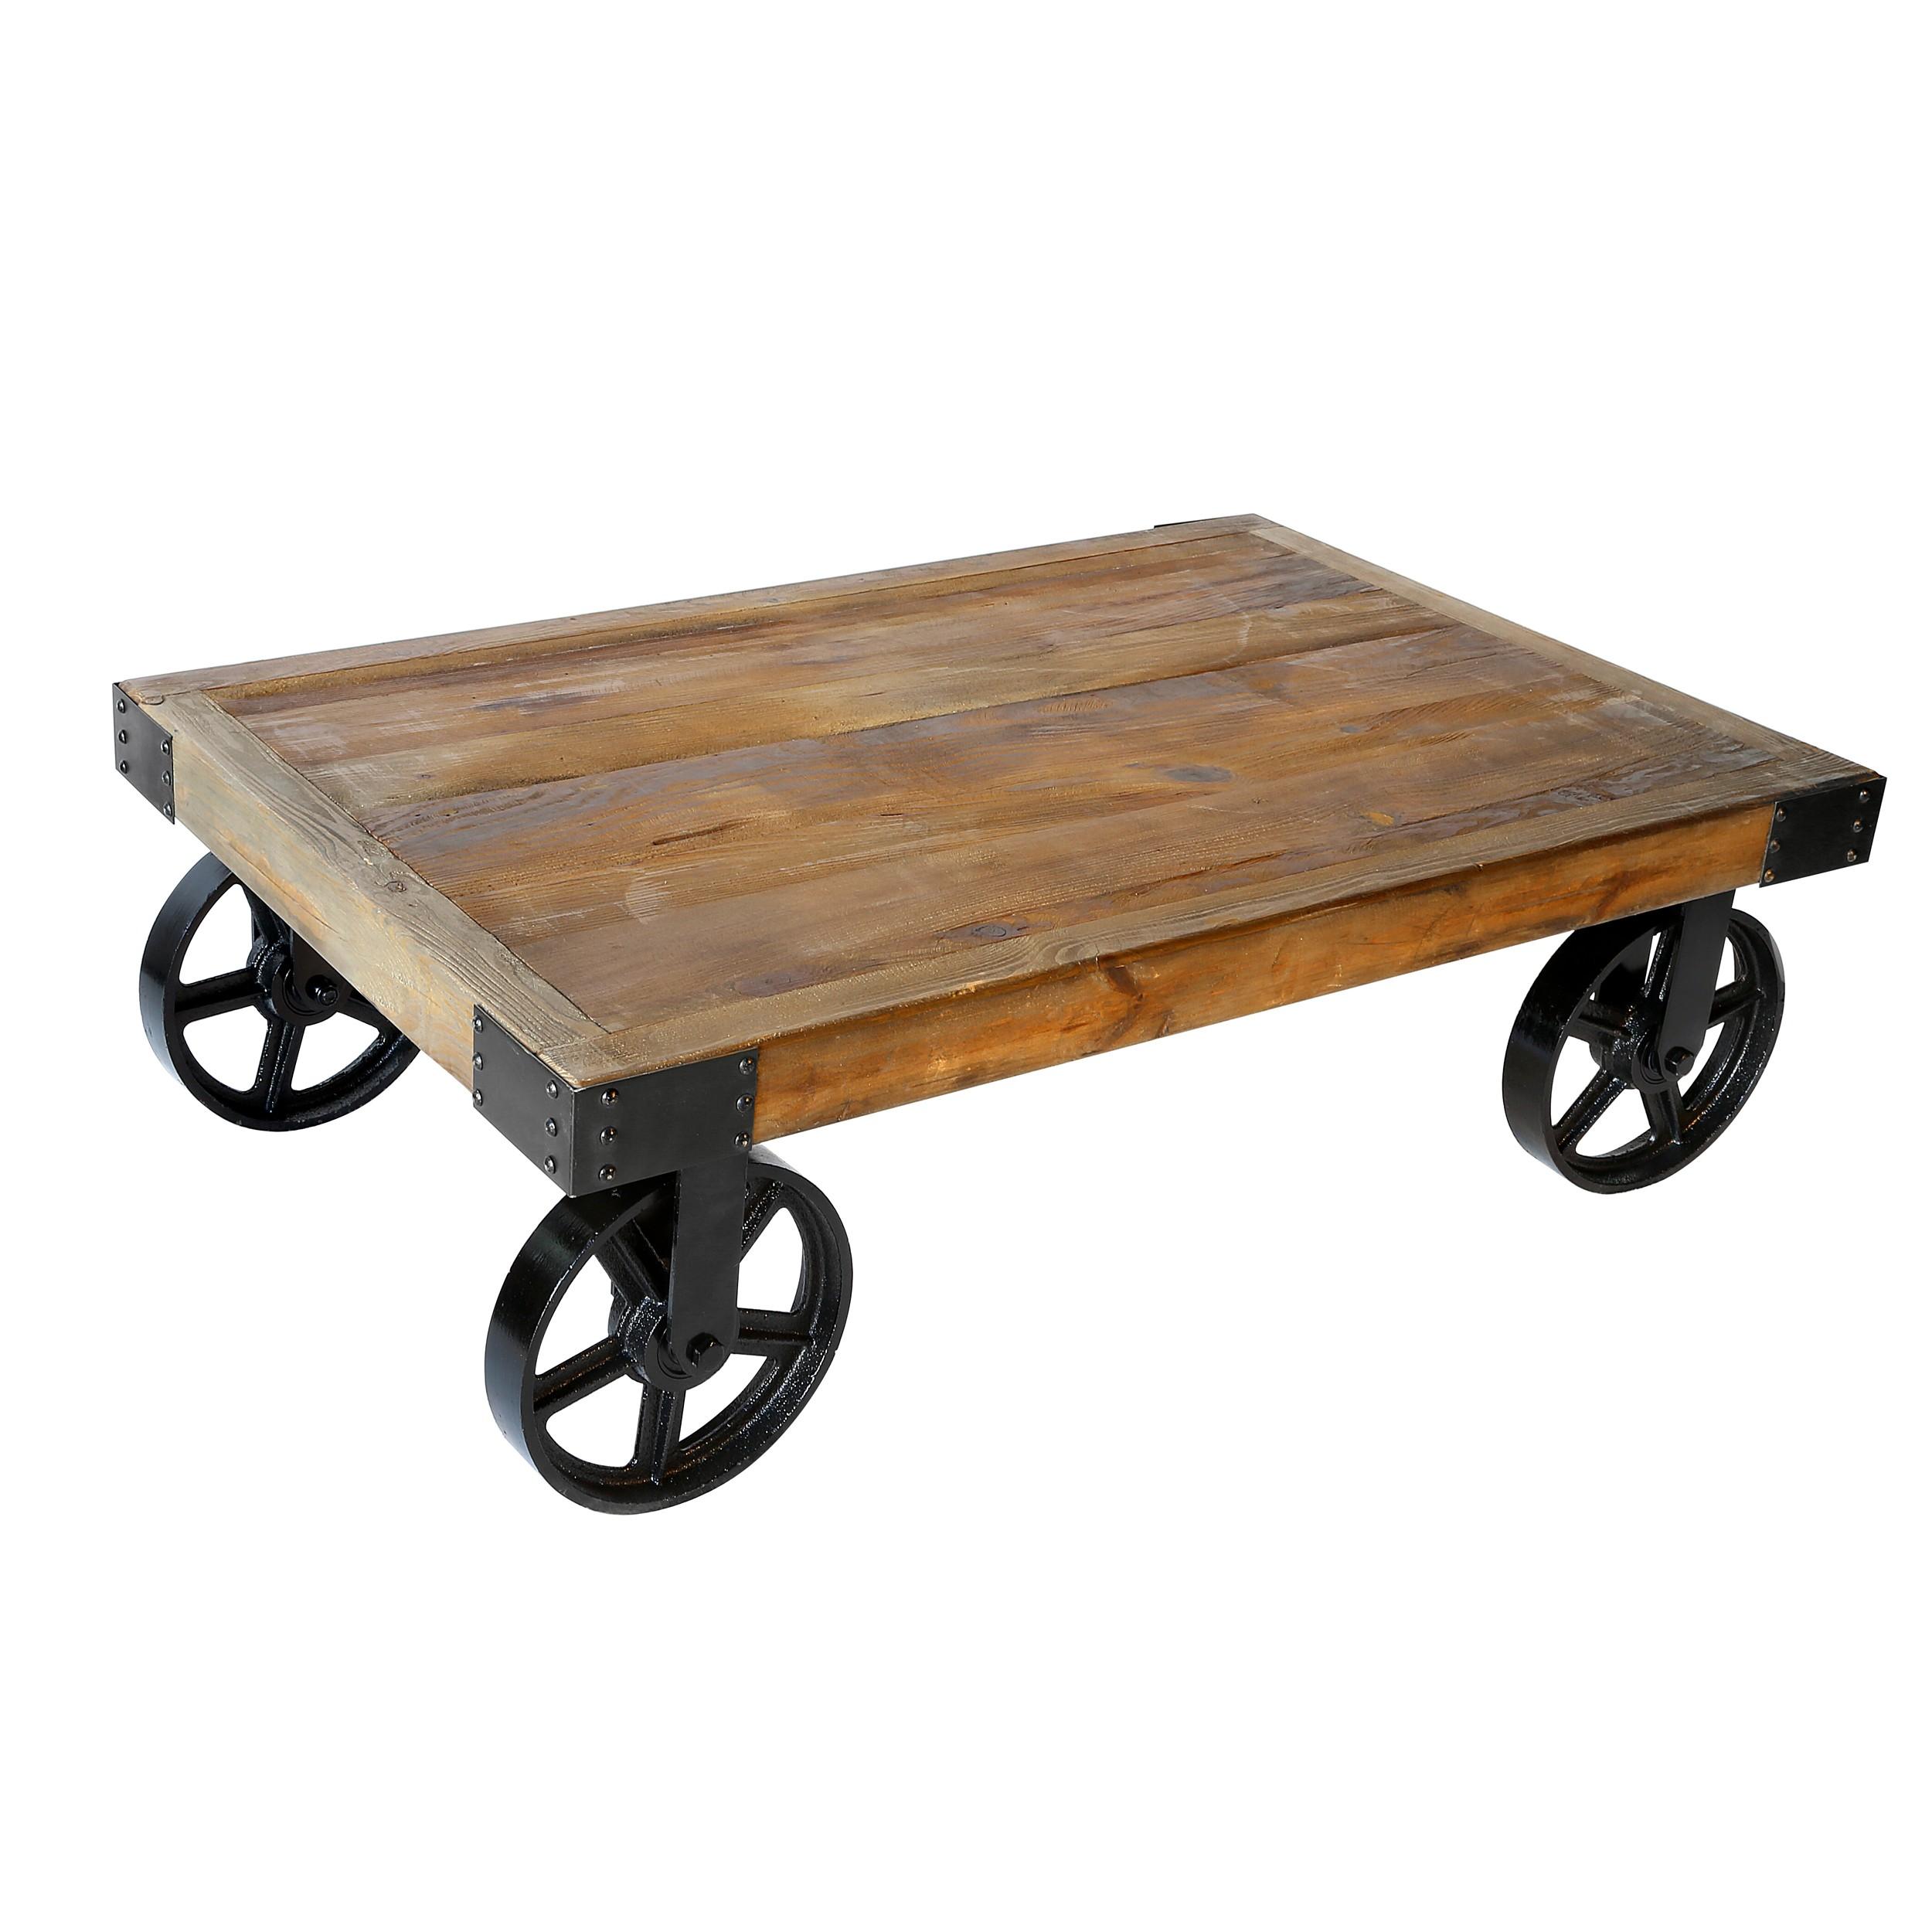 table basse sohar rectangulaire achetez les tables basses sohar rectangulaires rdv d co. Black Bedroom Furniture Sets. Home Design Ideas